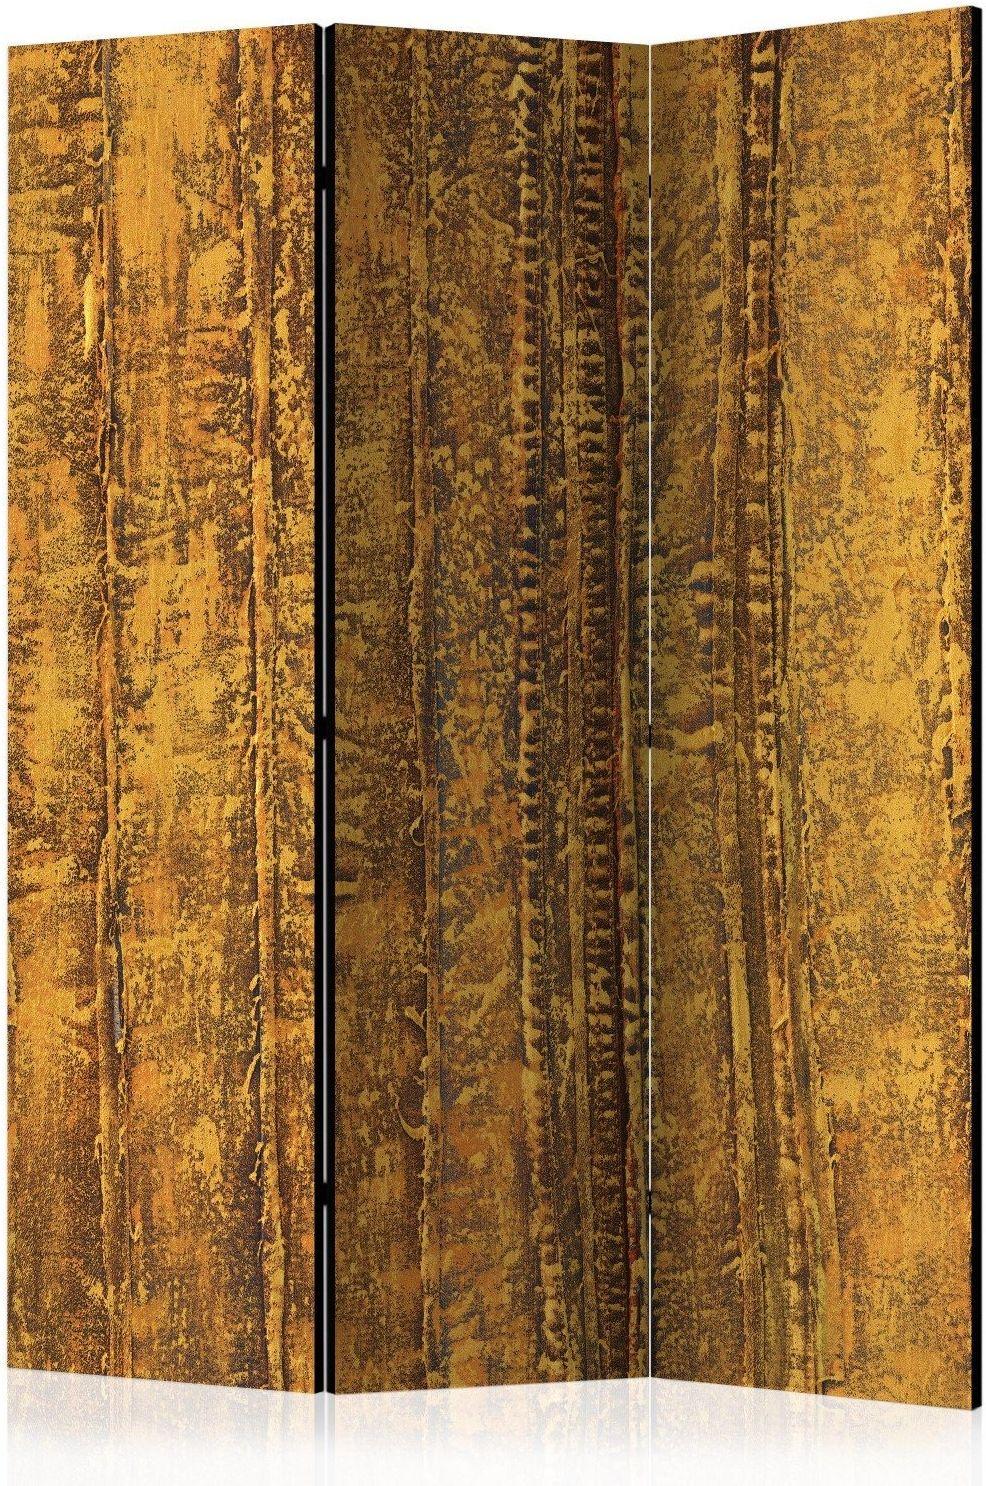 Parawan 3-częściowy - złota komnata [room dividers]